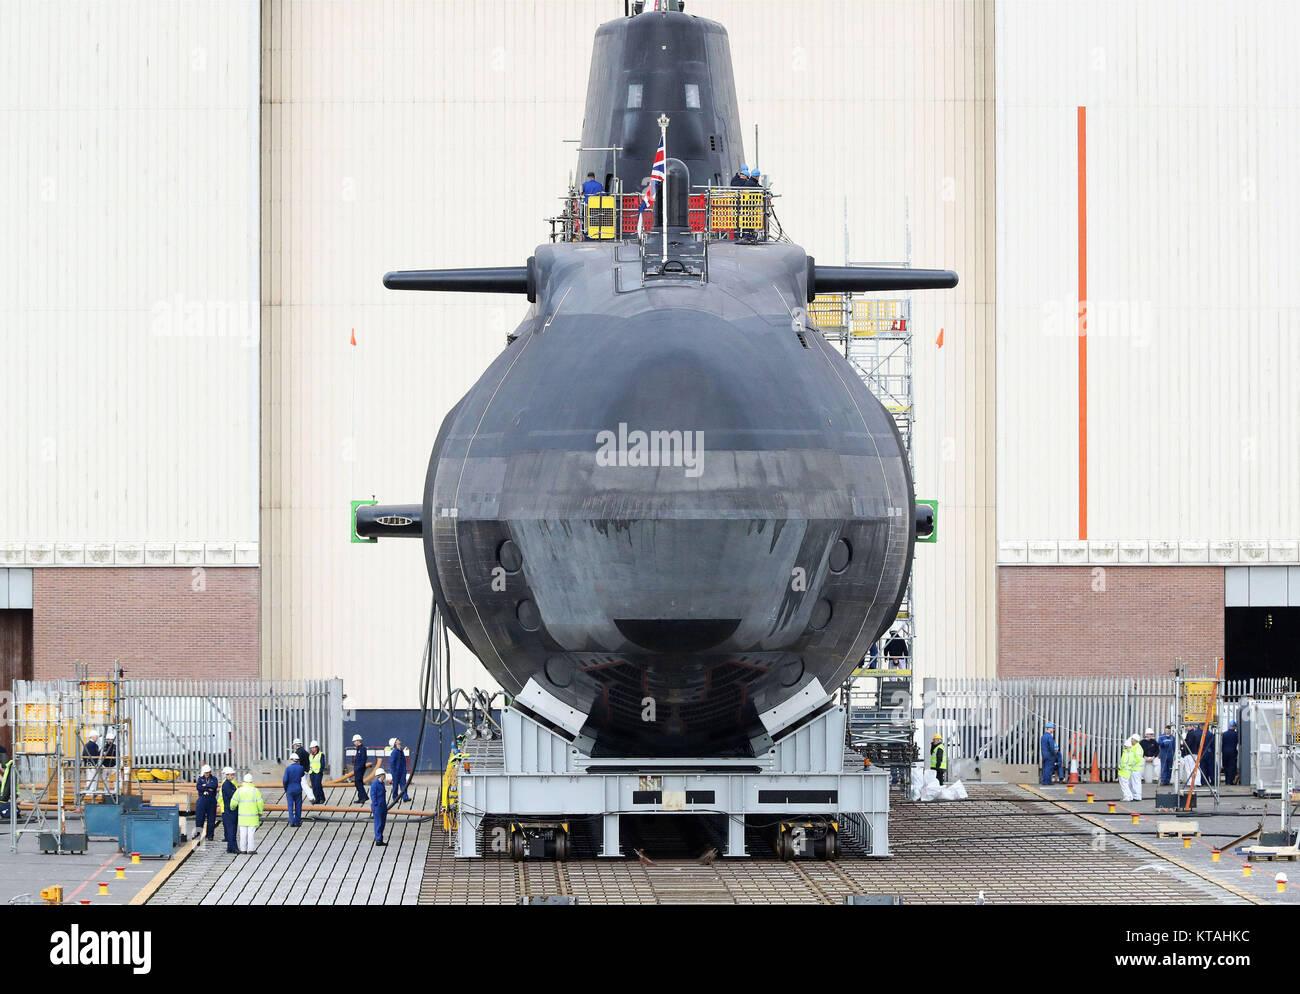 Examen del Año 2017: abril: La nueva cuarta clase astuto submarinos de propulsión nuclear, HMS Audacious, Imagen De Stock